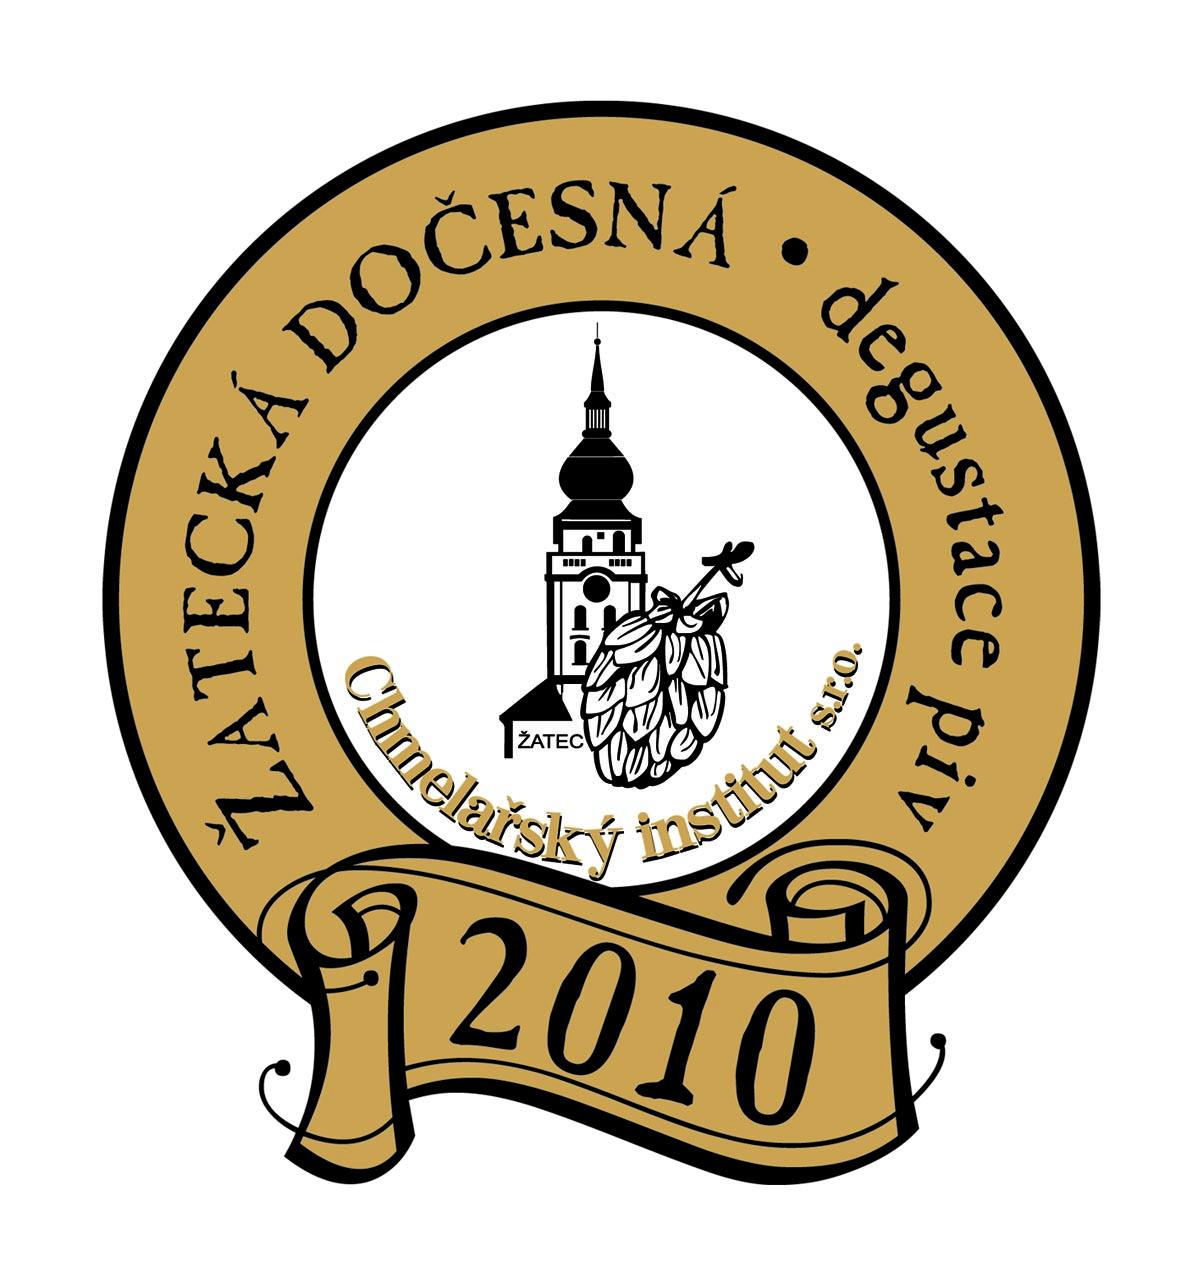 http://primator.cz/wp-content/uploads/2018/03/Dočesná-2010_logo.jpg